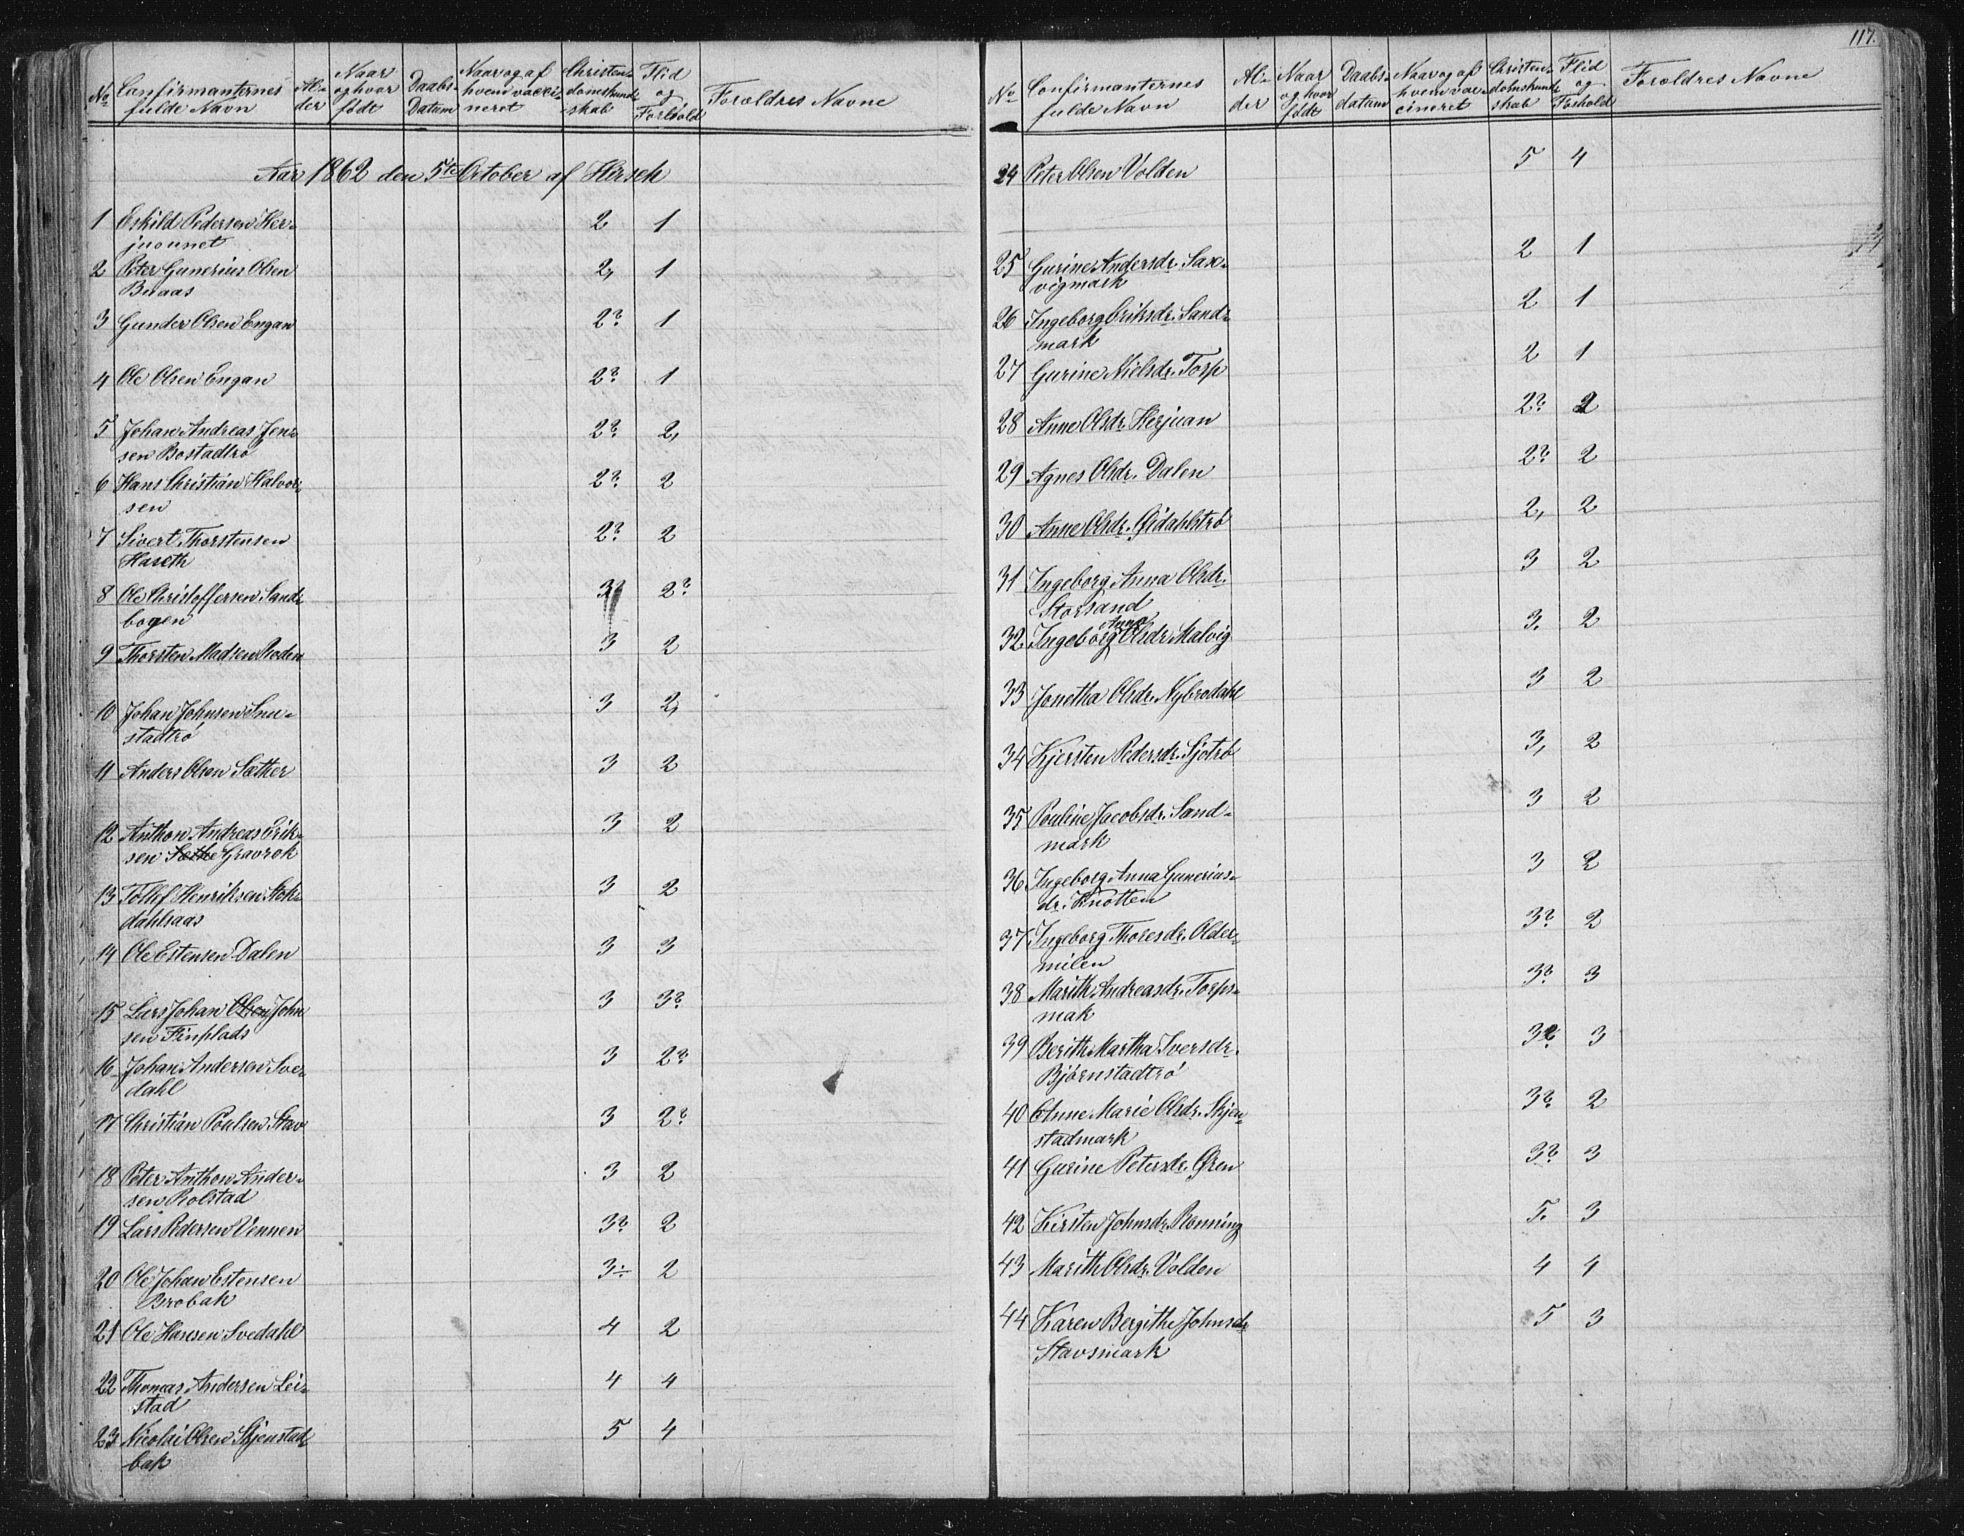 SAT, Ministerialprotokoller, klokkerbøker og fødselsregistre - Sør-Trøndelag, 616/L0406: Ministerialbok nr. 616A03, 1843-1879, s. 117